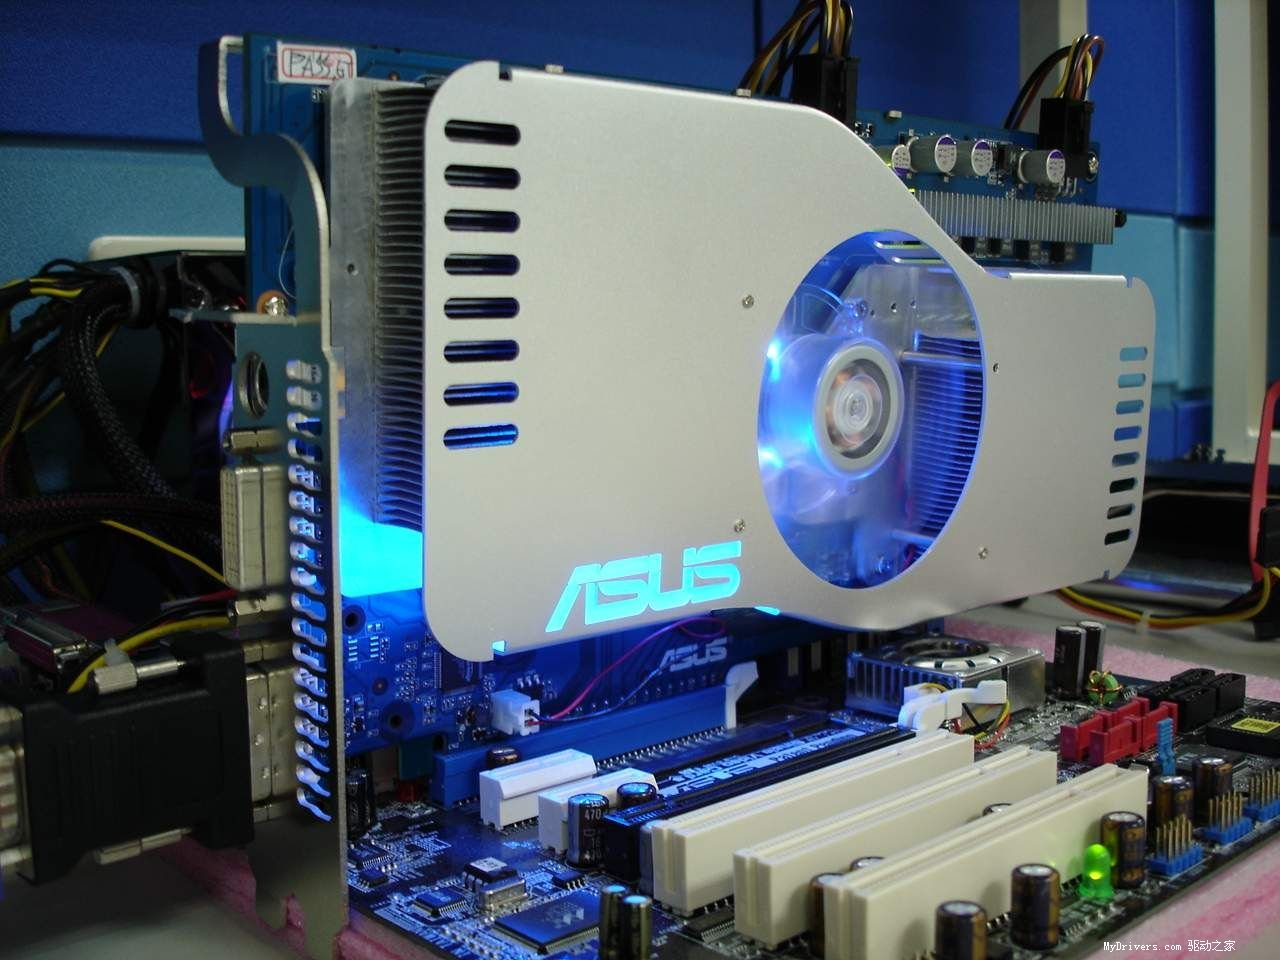 Asus Dual 6800 GT